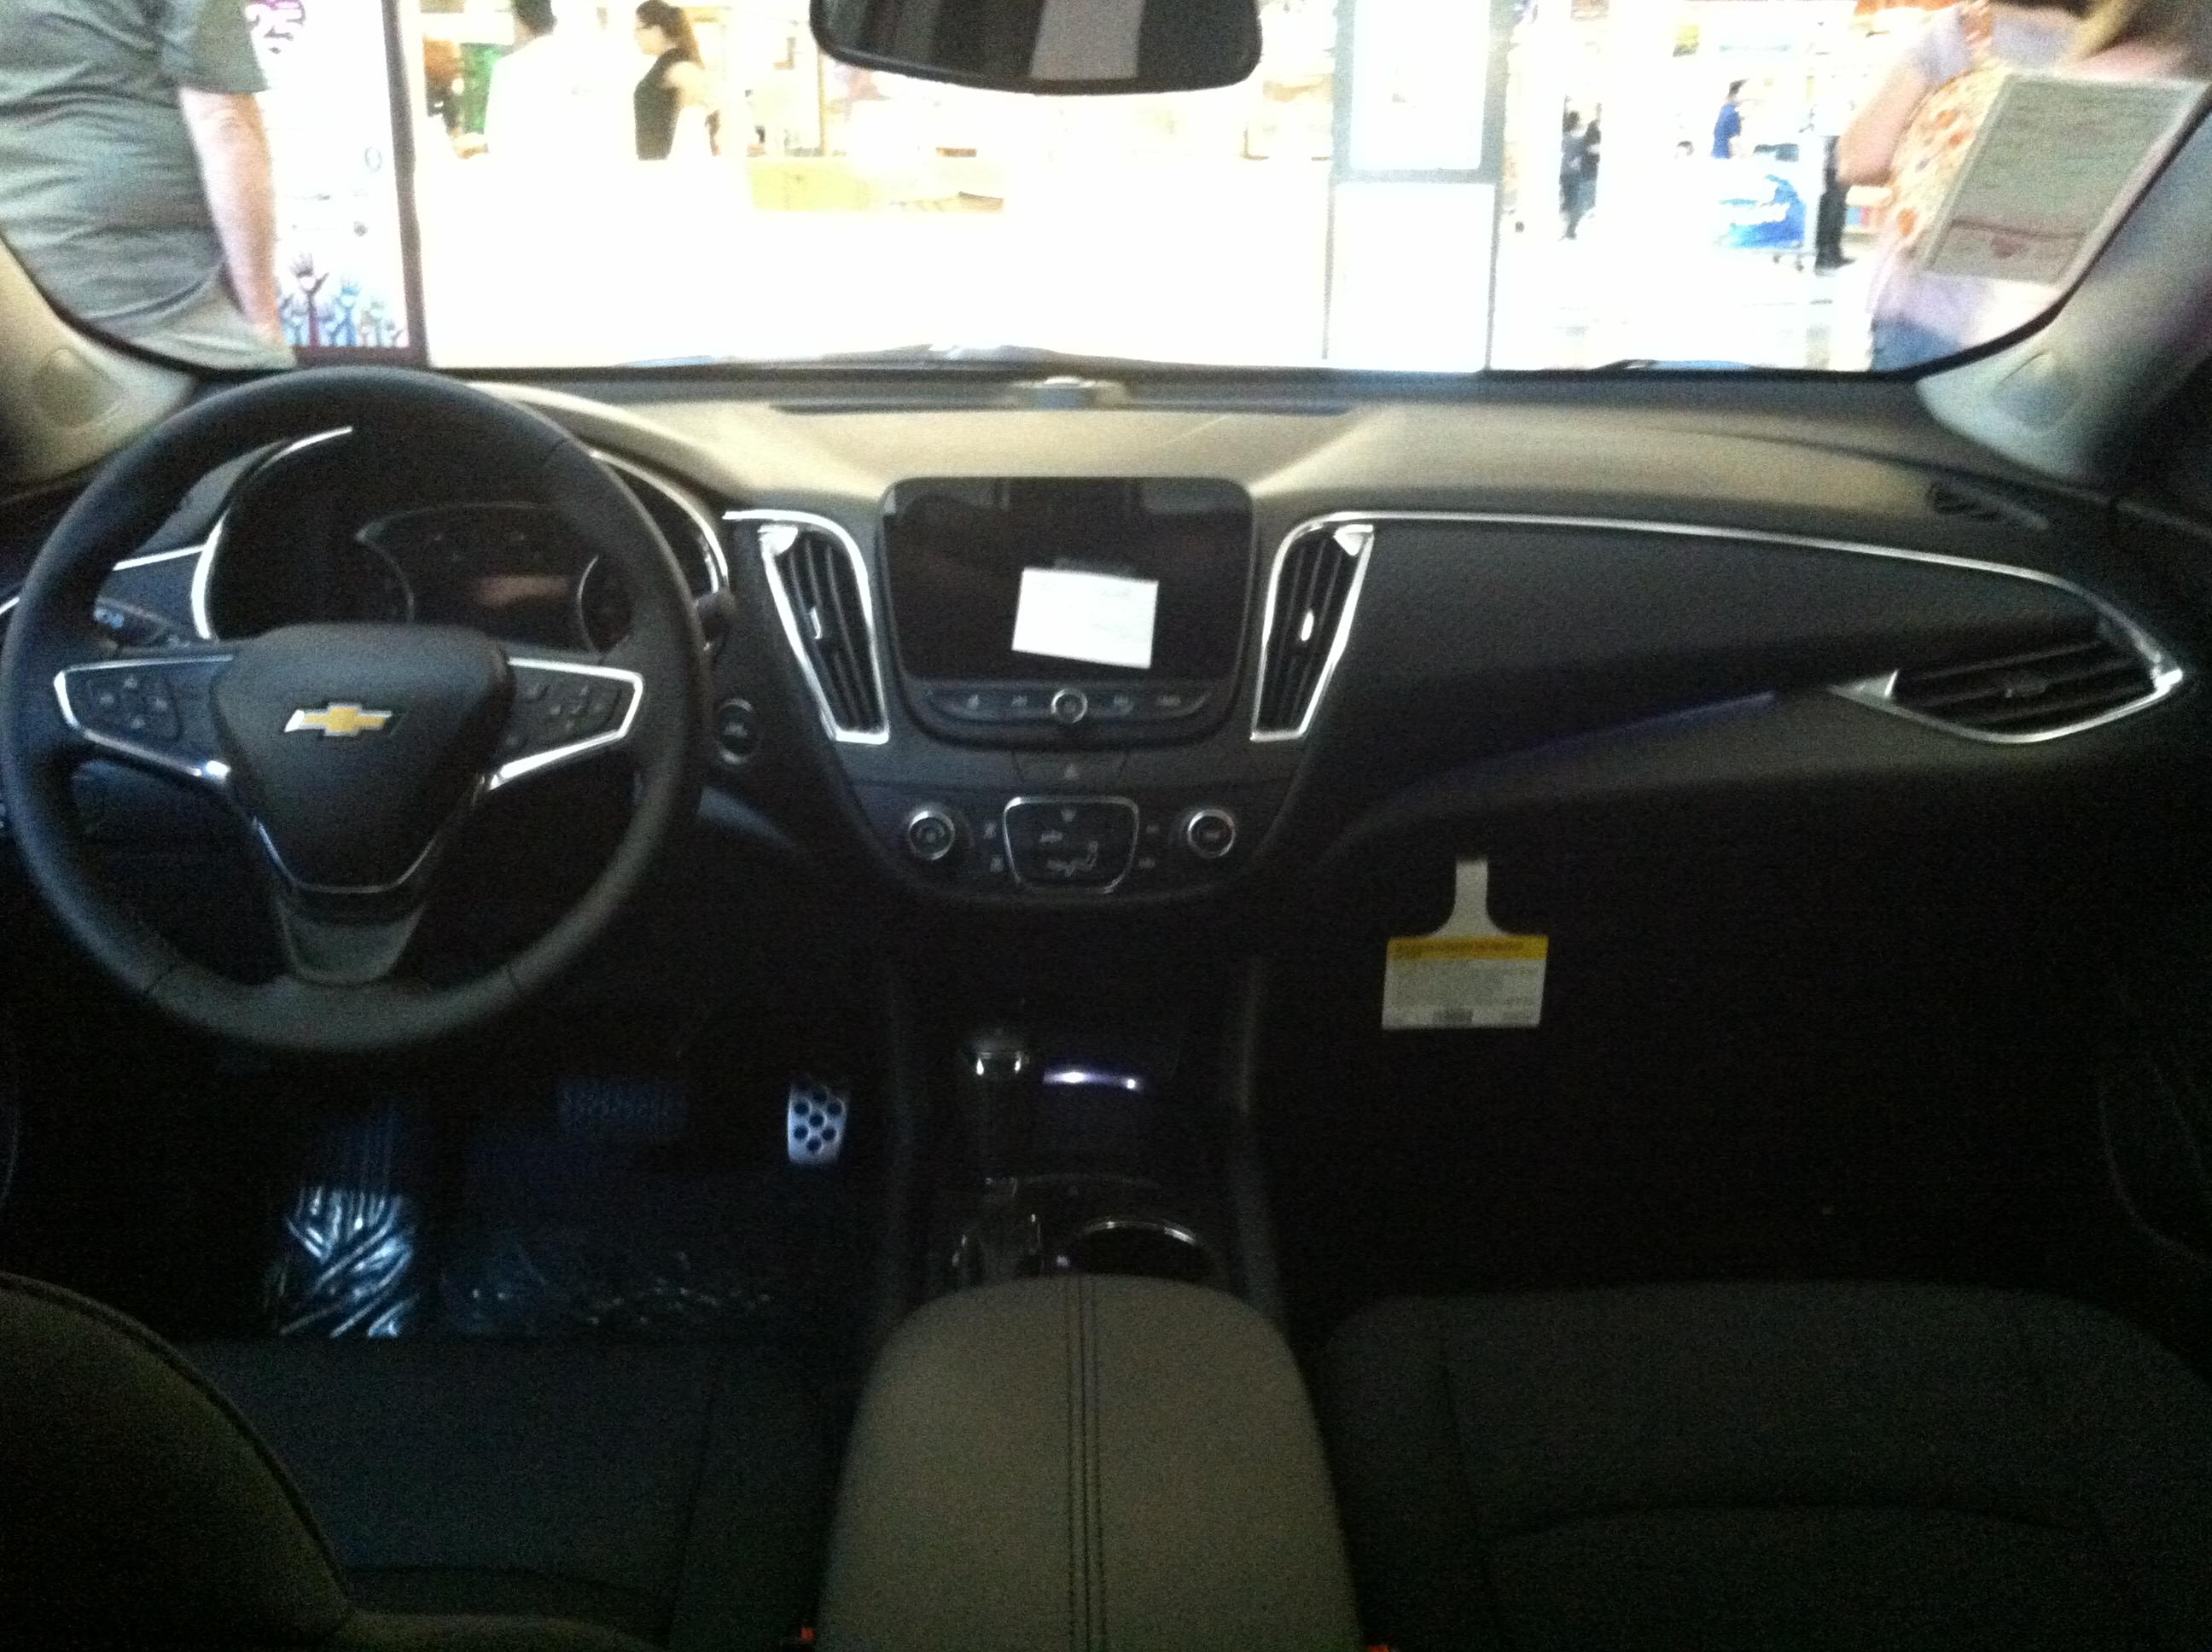 File:Chevrolet Malibu 2017 Interior